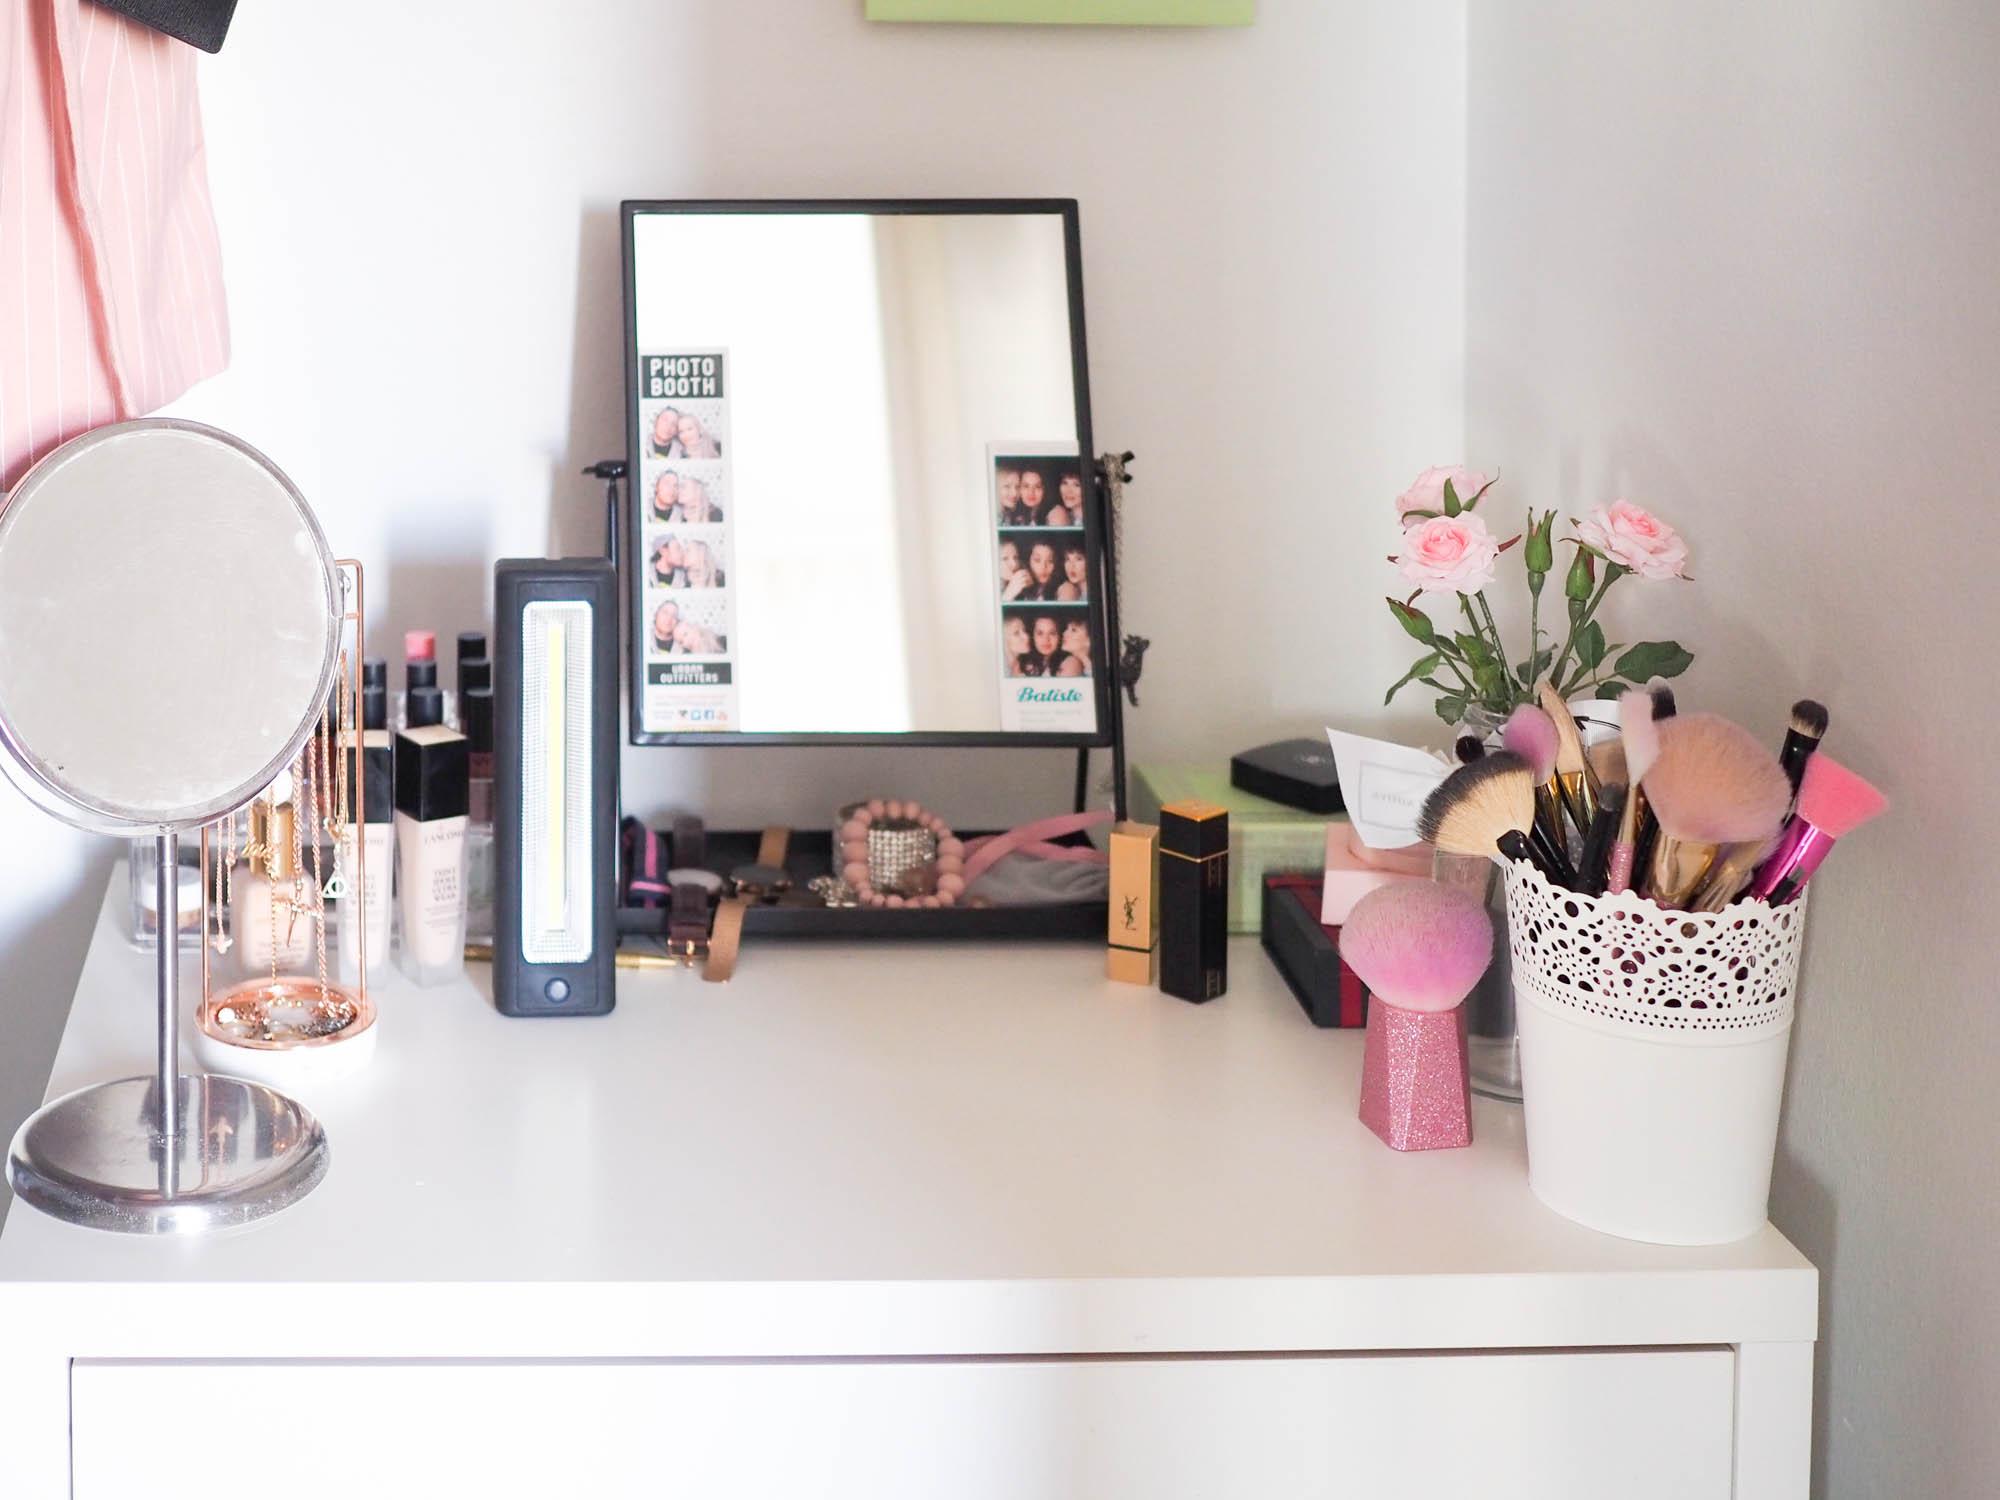 Meikkipöytä, meikkivaloja muut sisustustrendit